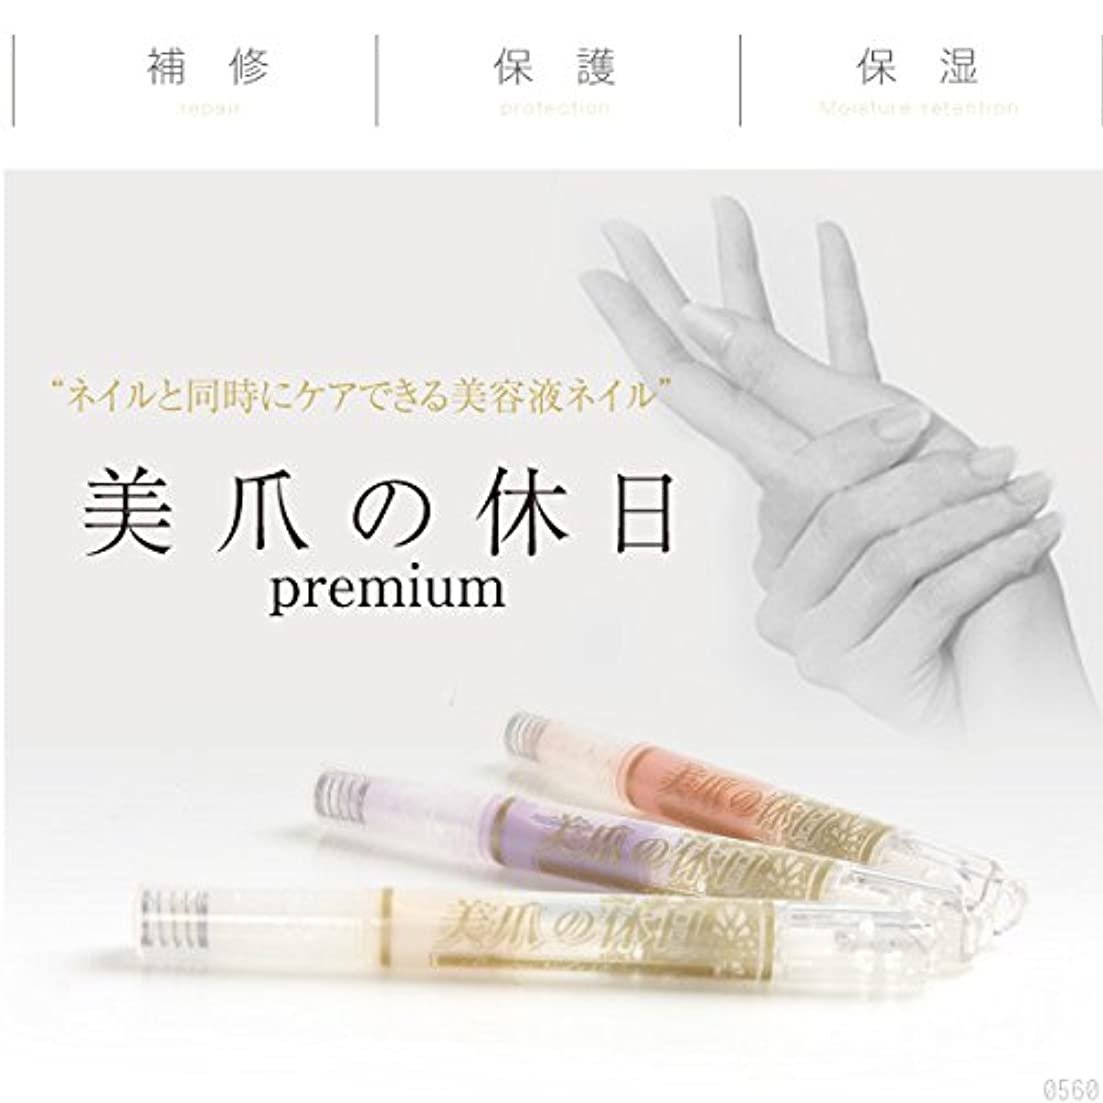 交換可能火山学者宅配便ネイル美容液 美爪の休日プレミアム サーモンピンク3個セット